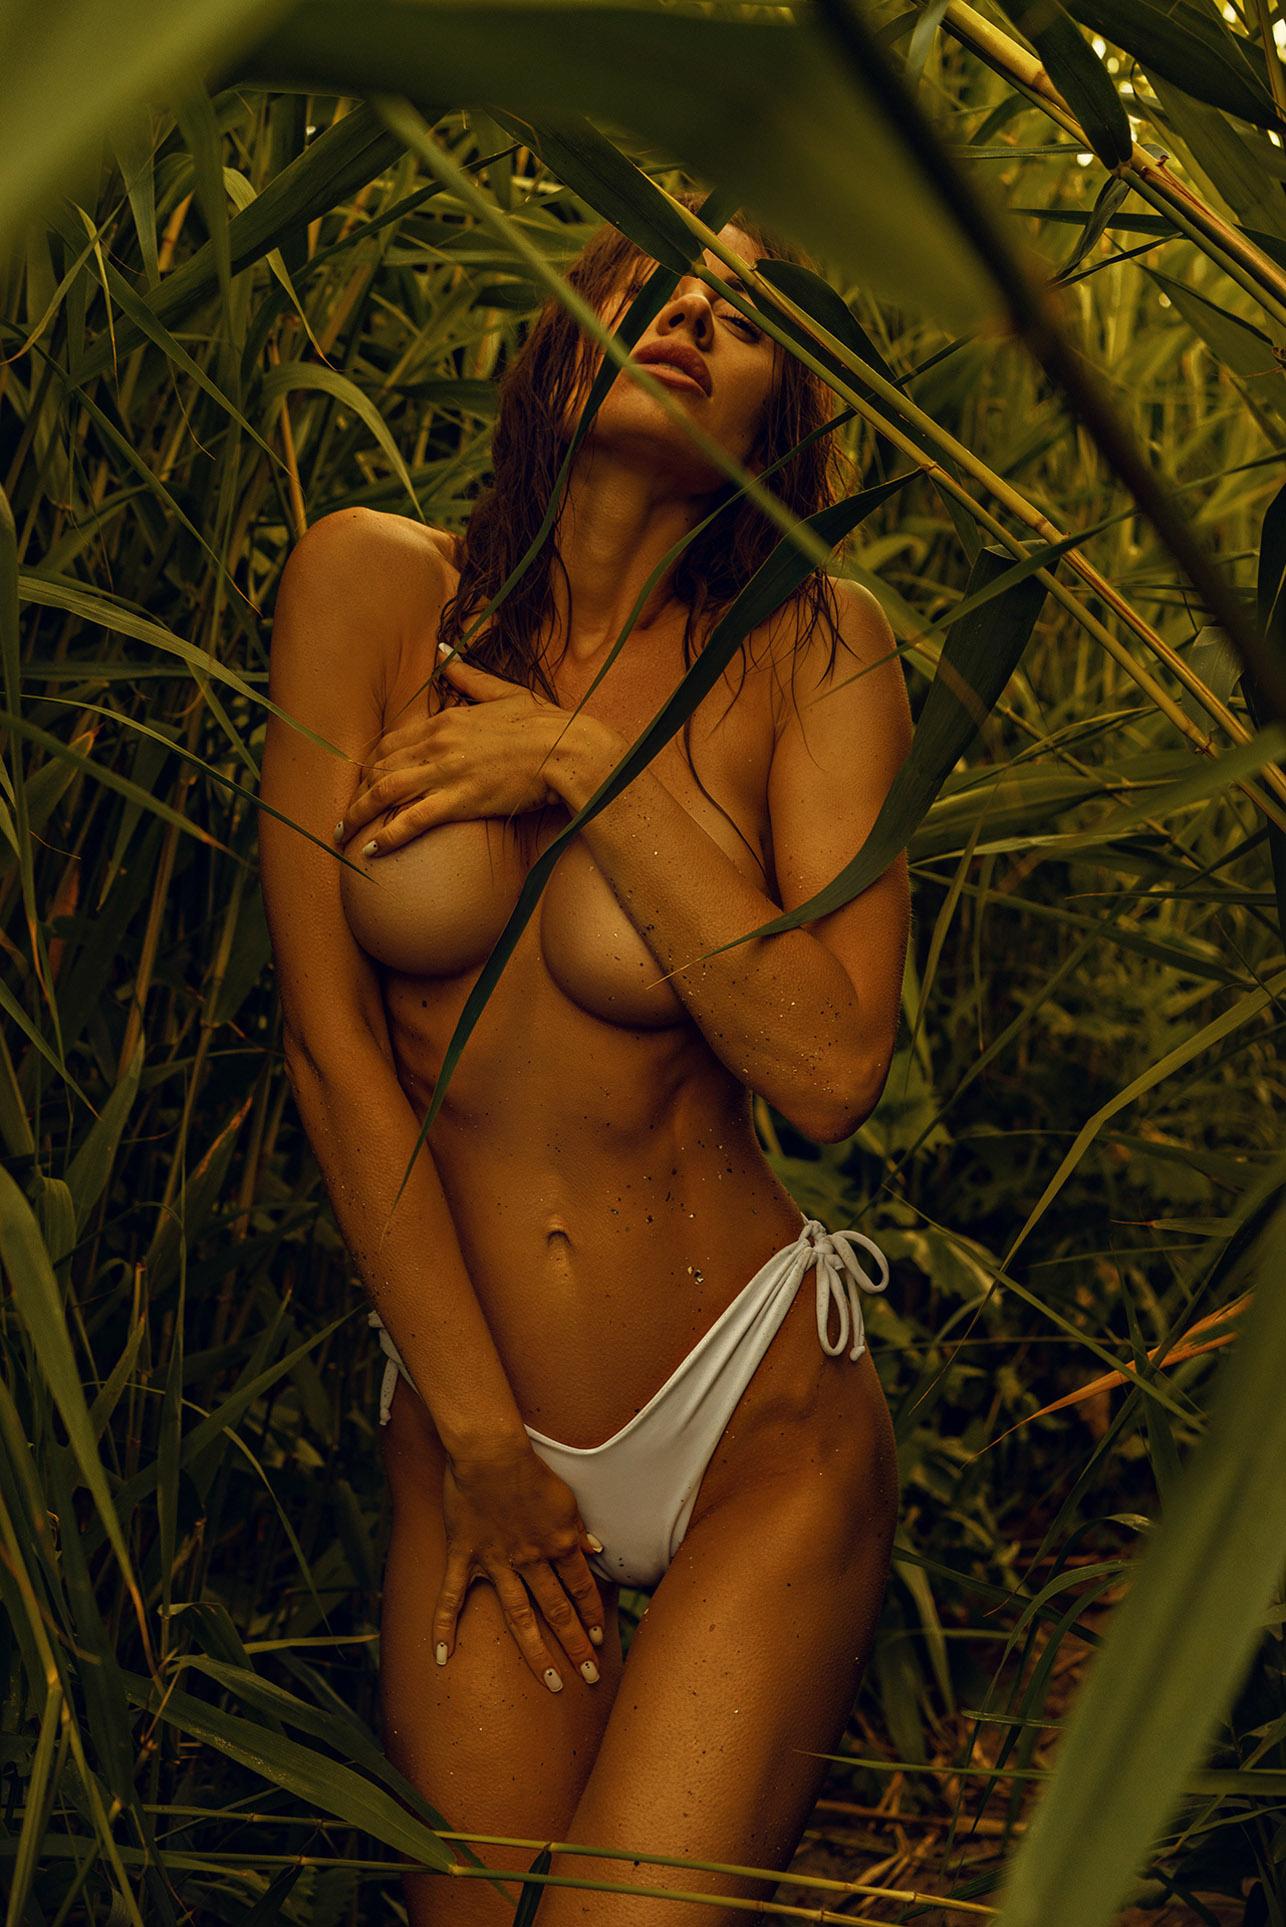 Утро на пляже с сексуальной полуголой красавицей / фото 17